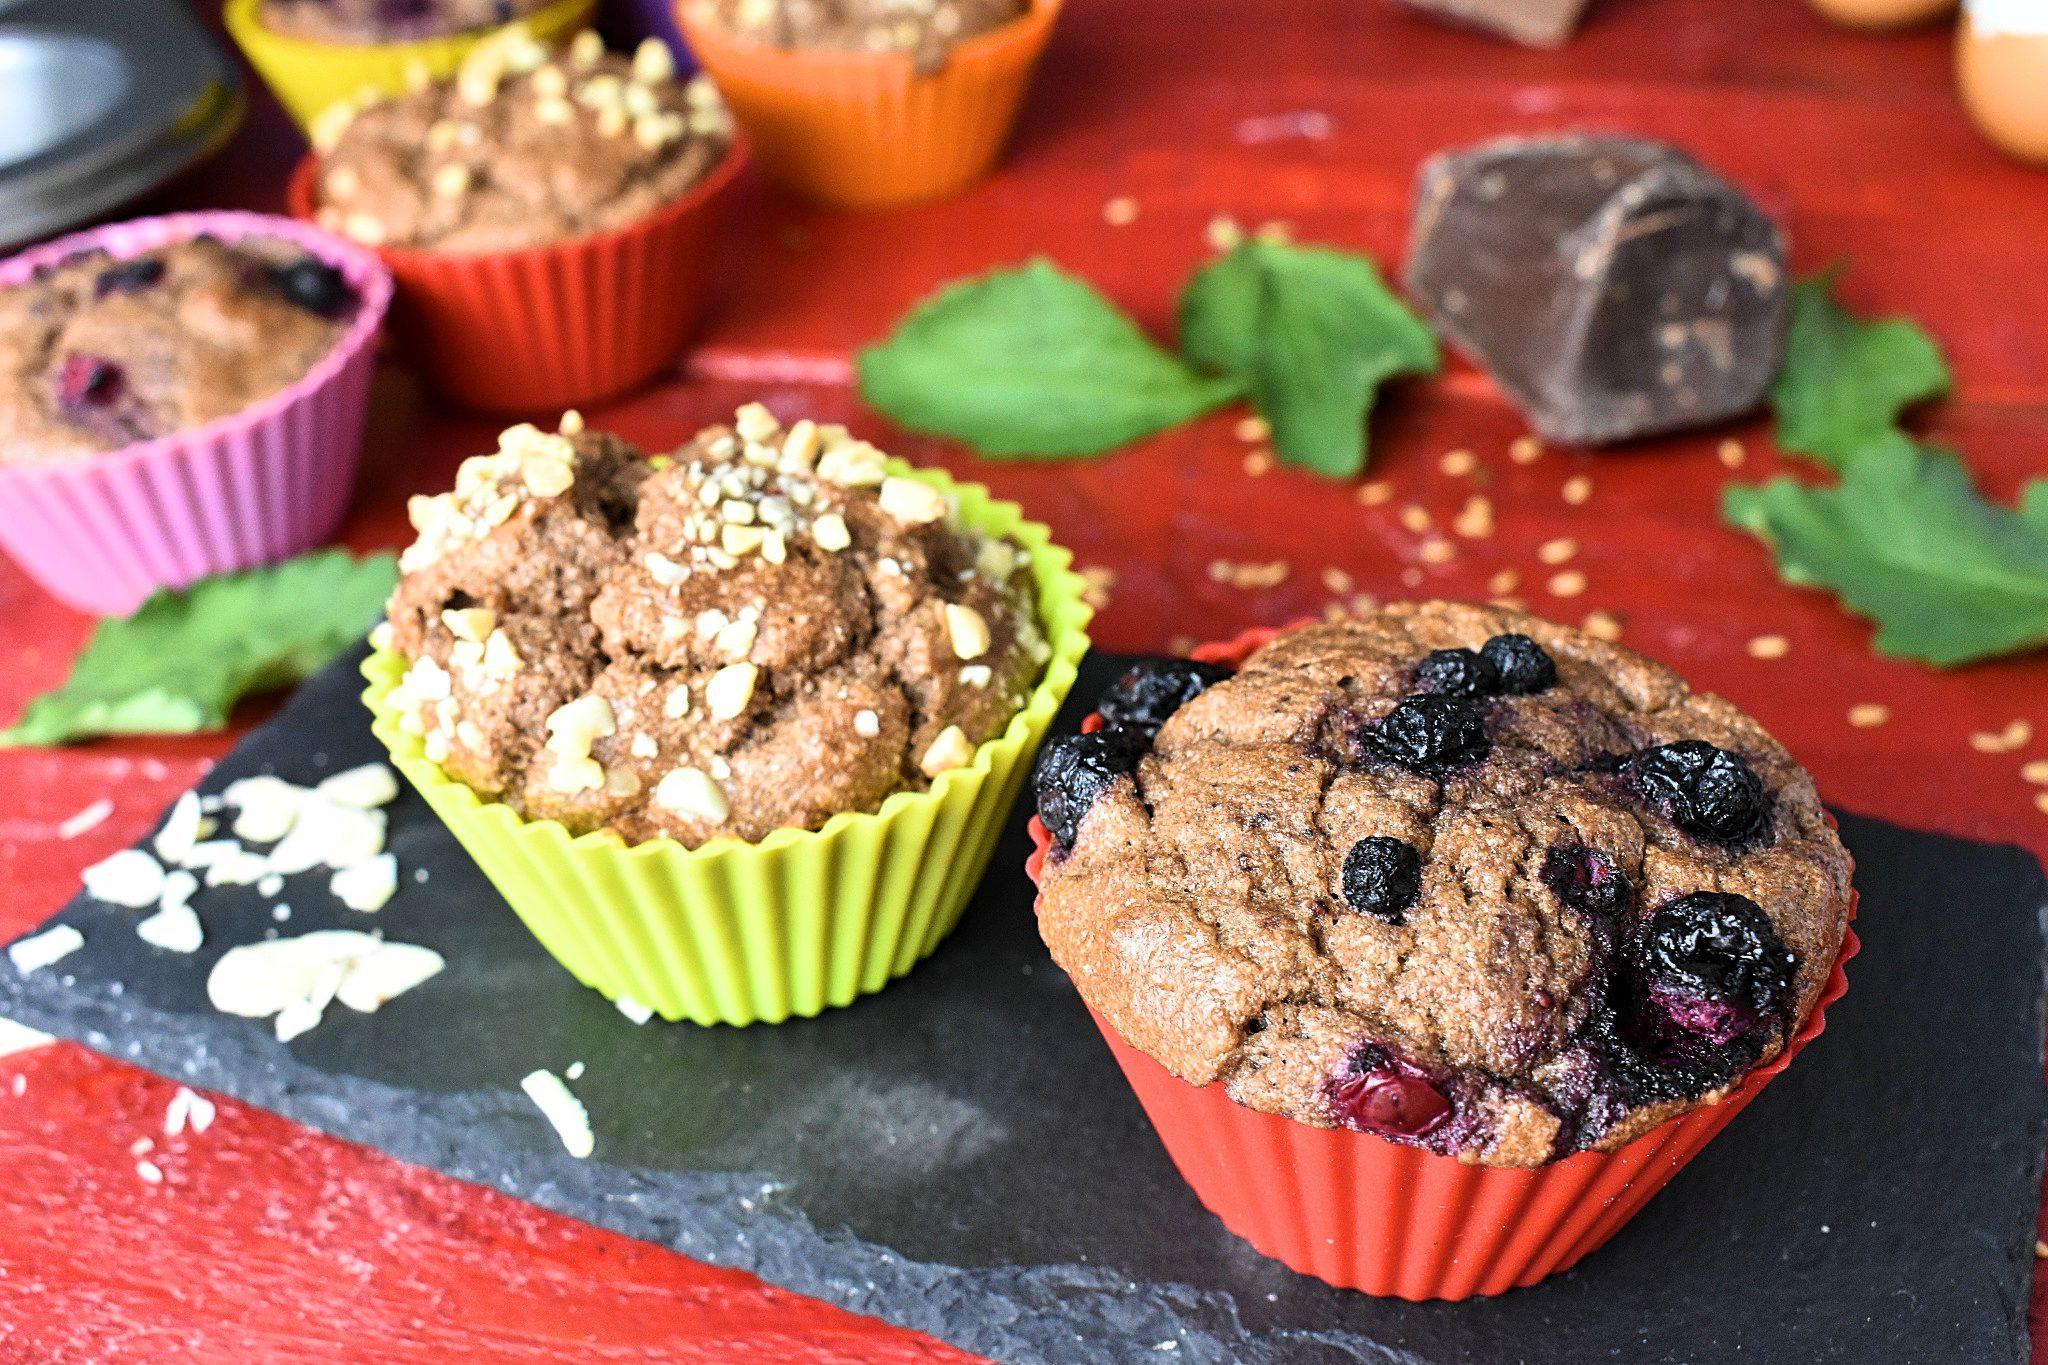 Muffin-gluten-free-chocolate-1-SunCakeMom